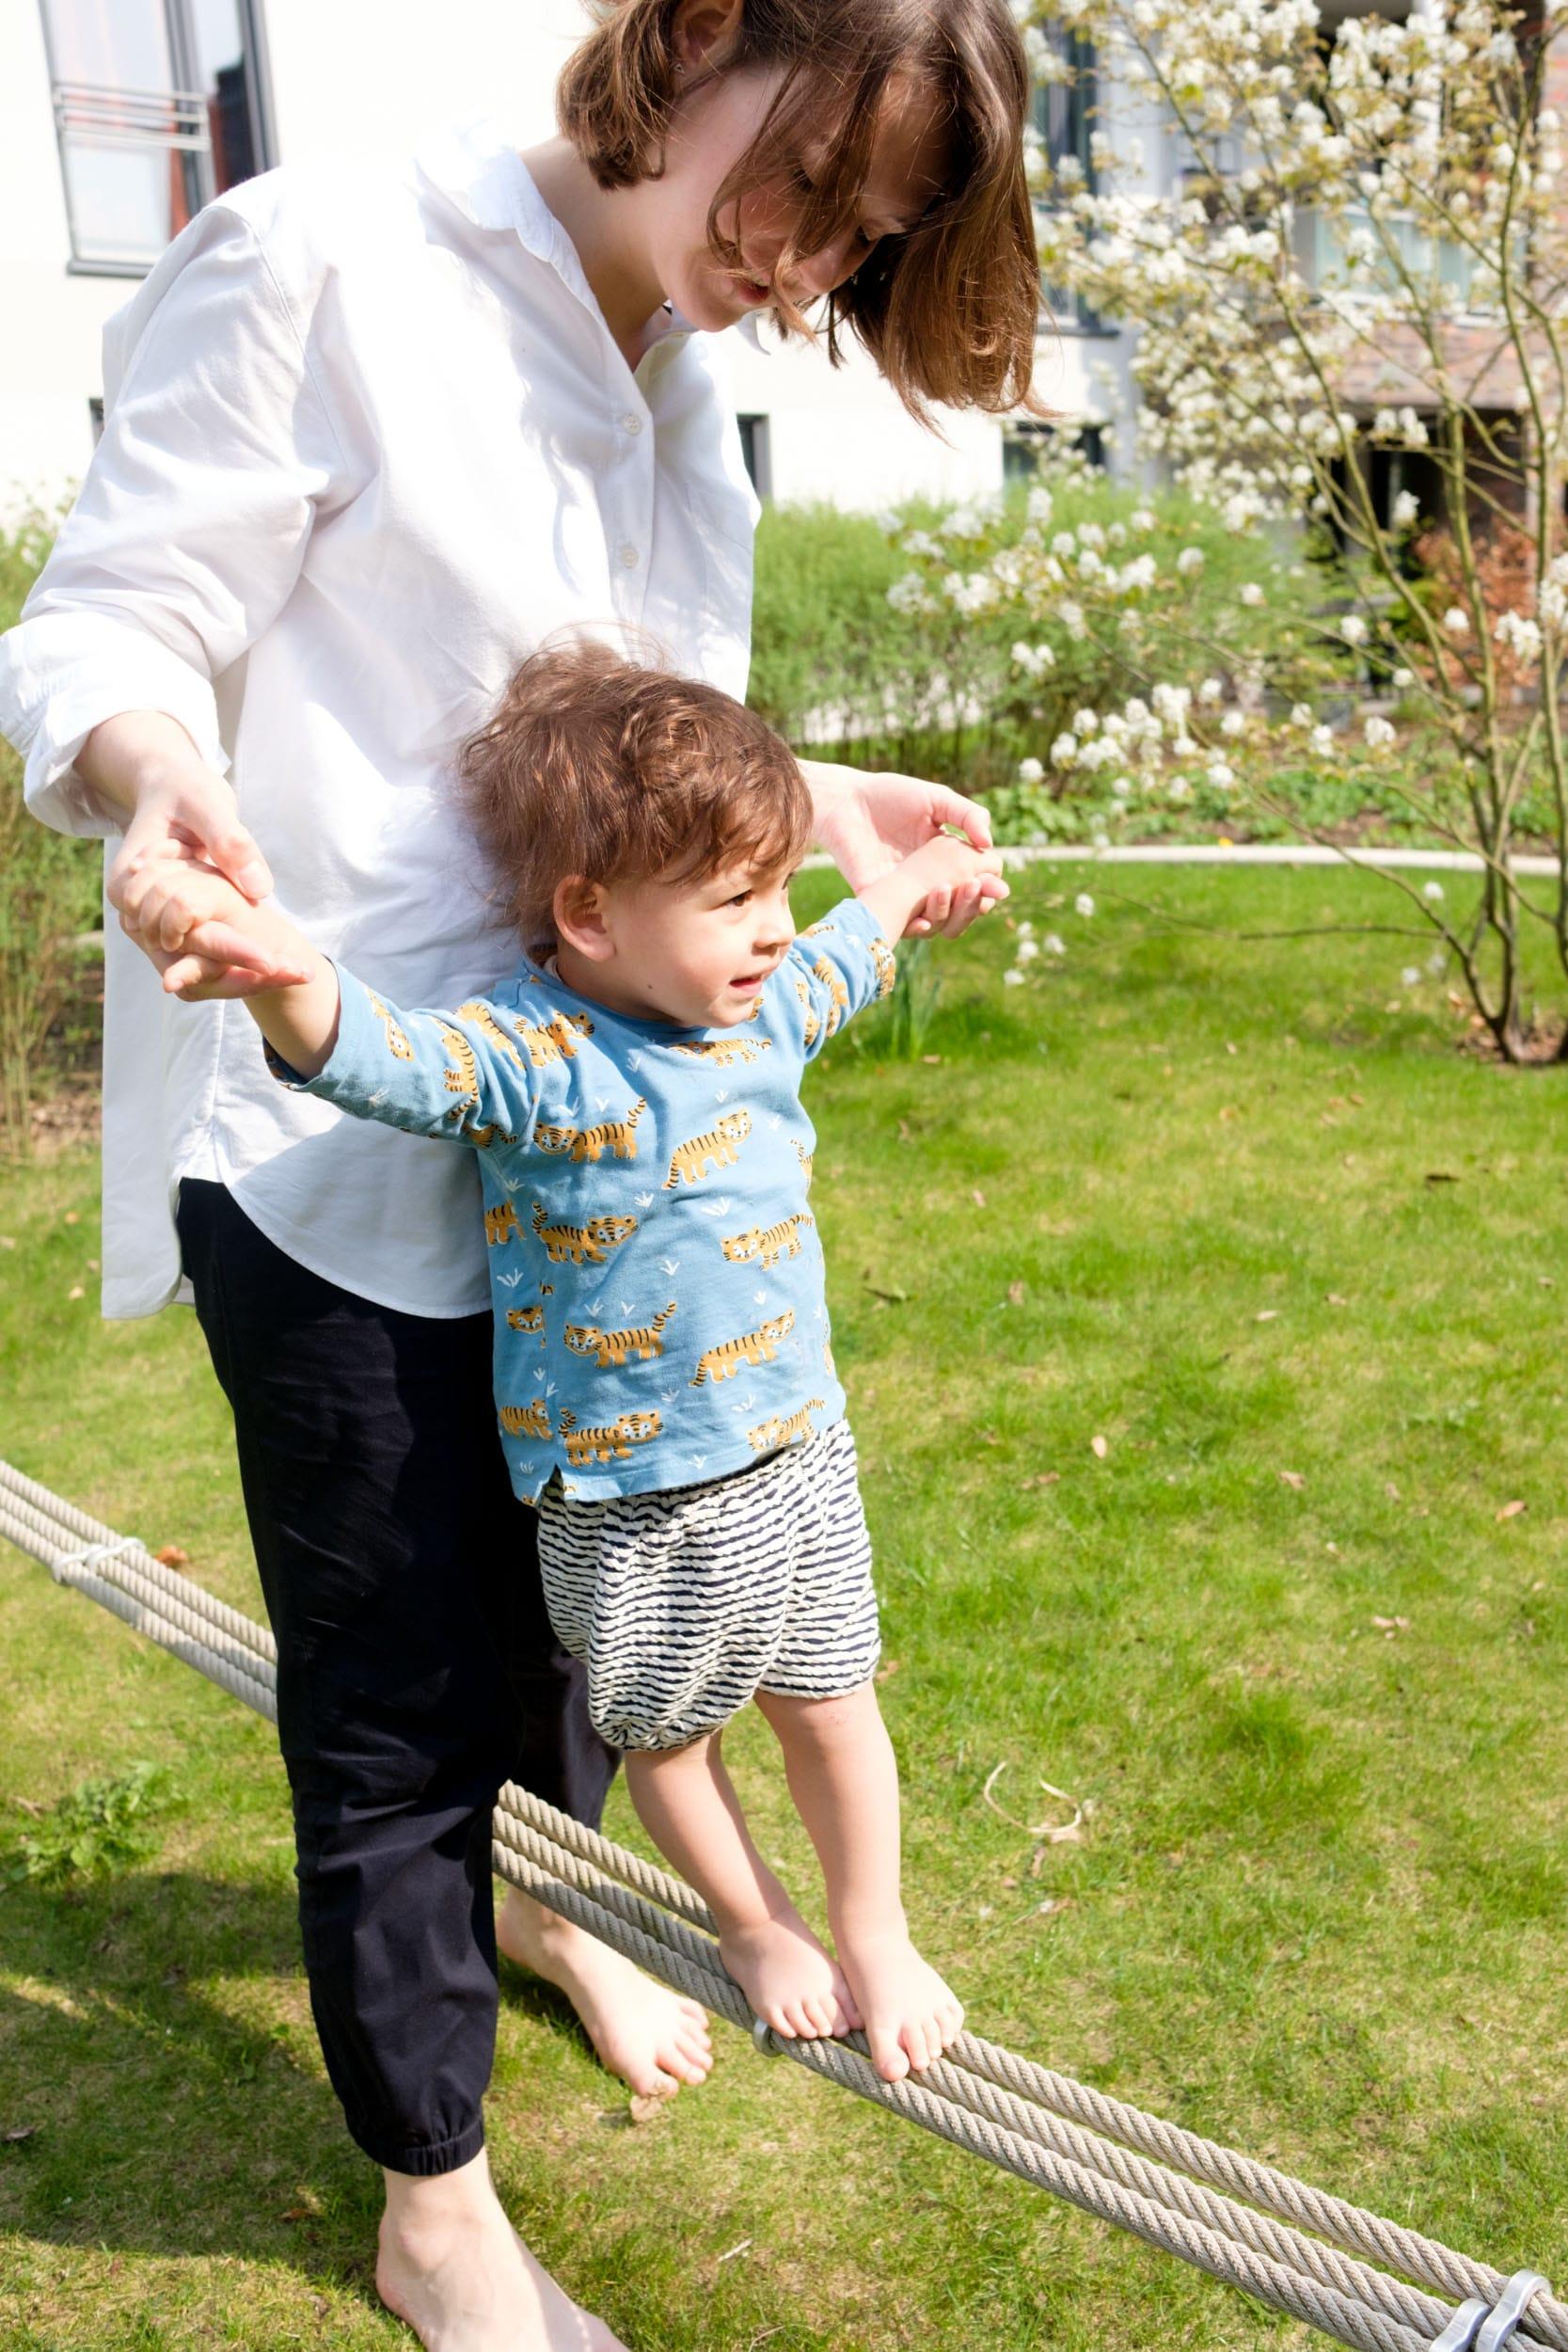 Wurzeln, Flügel und bedingungslose Liebe | Das Glück, Mama zu sein | Mutterschaft | Elternschaft | Mamasein | Werte | Mutterliebe | Mehr auf https://ivy.li